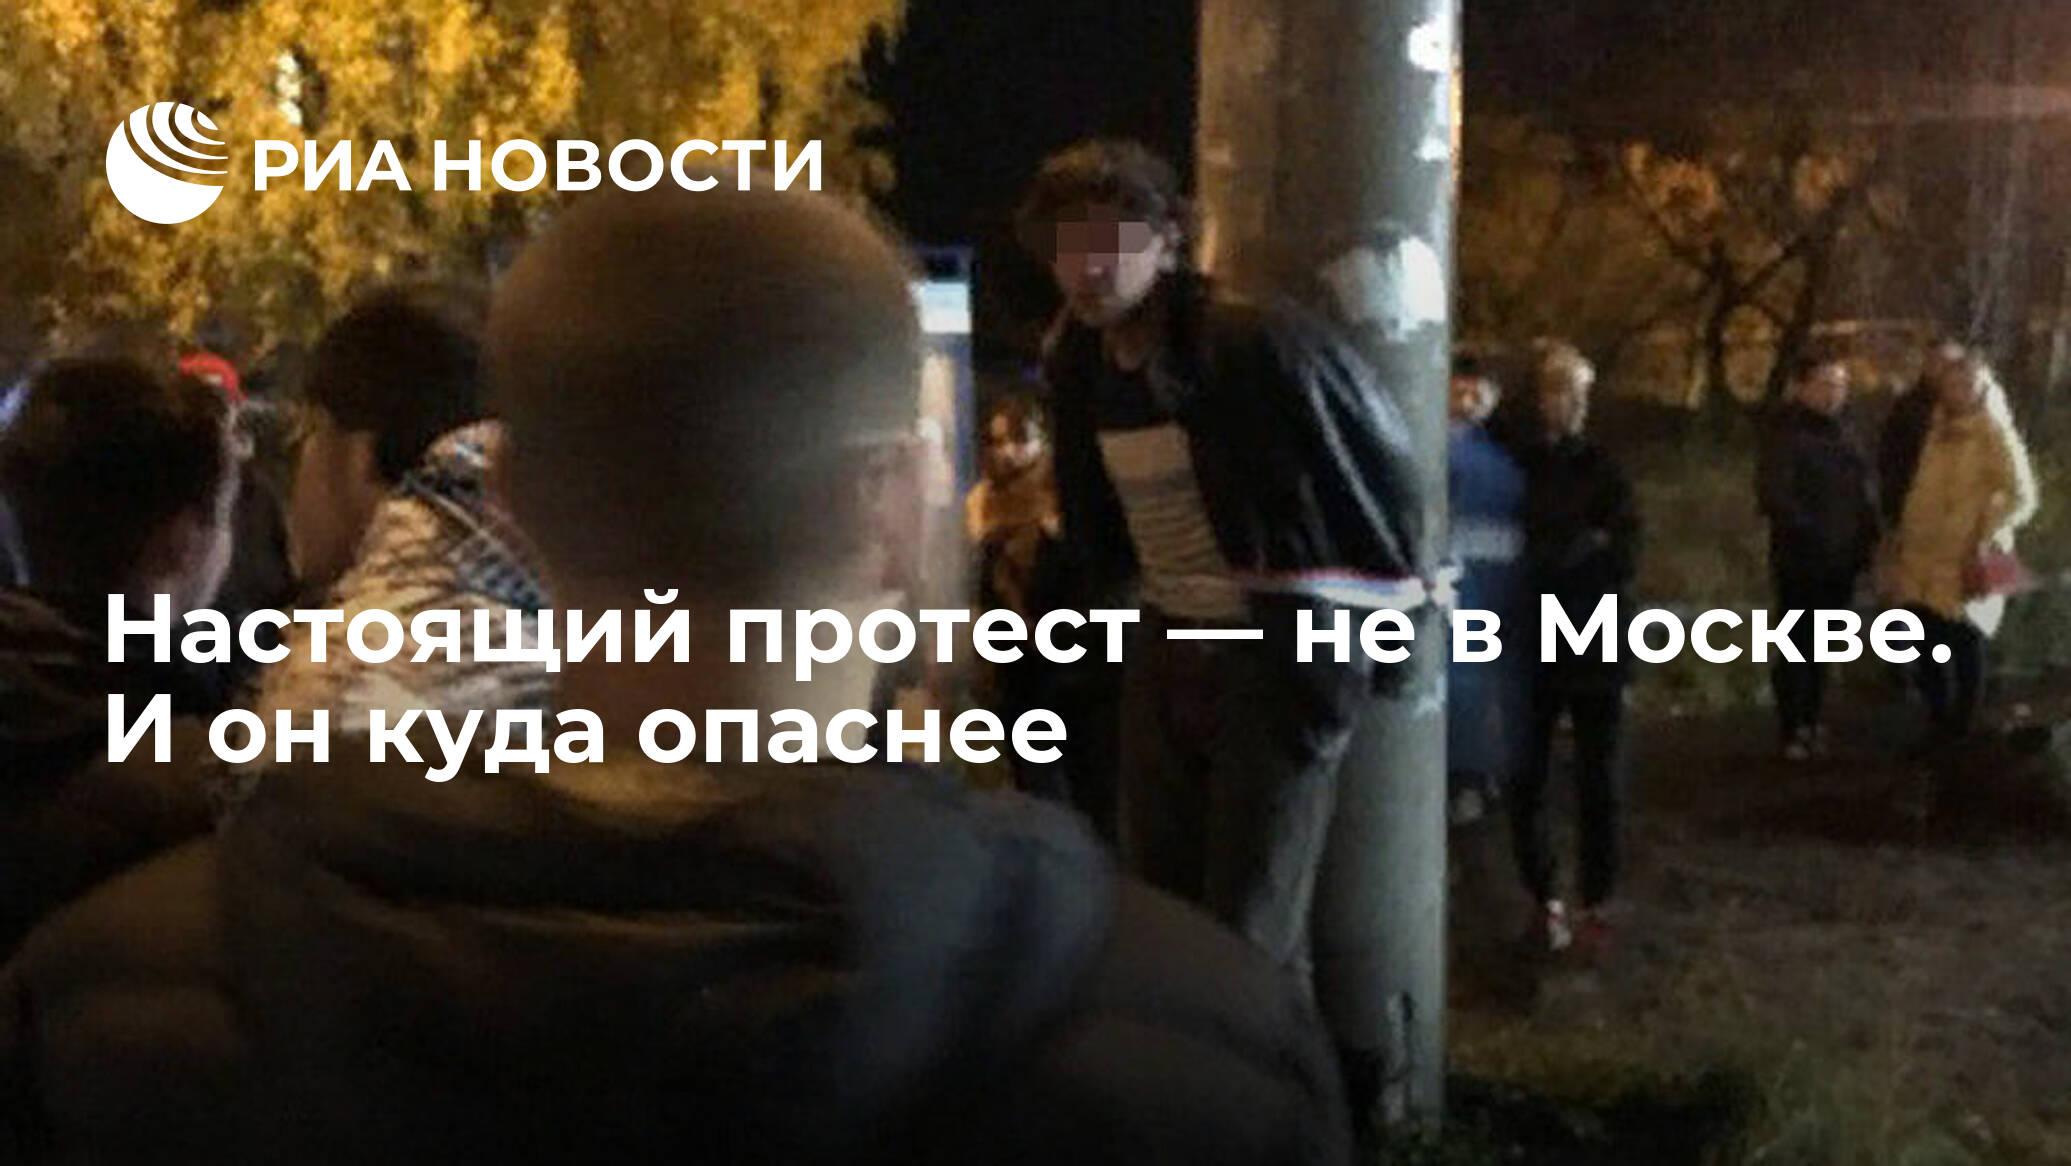 Настоящий протест — не в Москве. И он куда опаснее